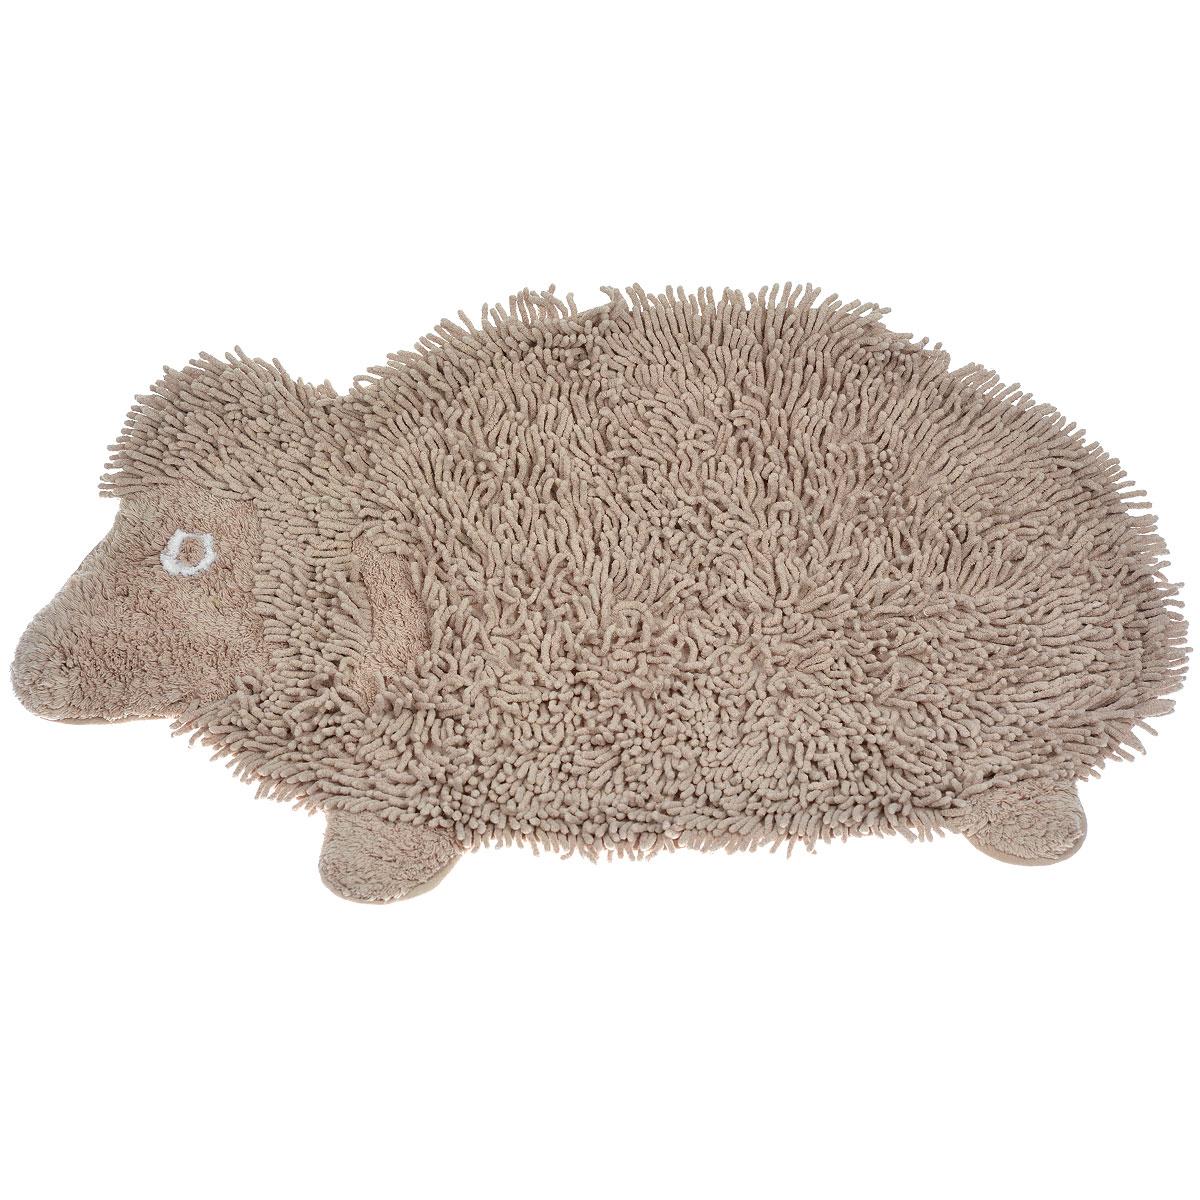 Коврик Arloni Овечка Долли, цвет: бежевый, 50 см х 80 см1209Коврик Arloni Овечка Долли изготовлен из экологически чистого материала - натурального хлопка. Выполнен в виде забавной овечки. Коврик мягкий и приятный на ощупь, имеет мягкий длинный ворс. Отличается высокой износоустойчивостью, хорошо впитывает влагу, не теряет своих свойств после многократных стирок. Коврик Arloni гармонично впишется в интерьер вашего дома и создаст атмосферу уюта и комфорта. Идеальный вариант для ванной или детской комнаты. Изделие отличается высоким качеством пошива и стильным дизайном, а материал прекрасно переносит большое количество стирок. Легко стирается в стиральной машине или вручную.